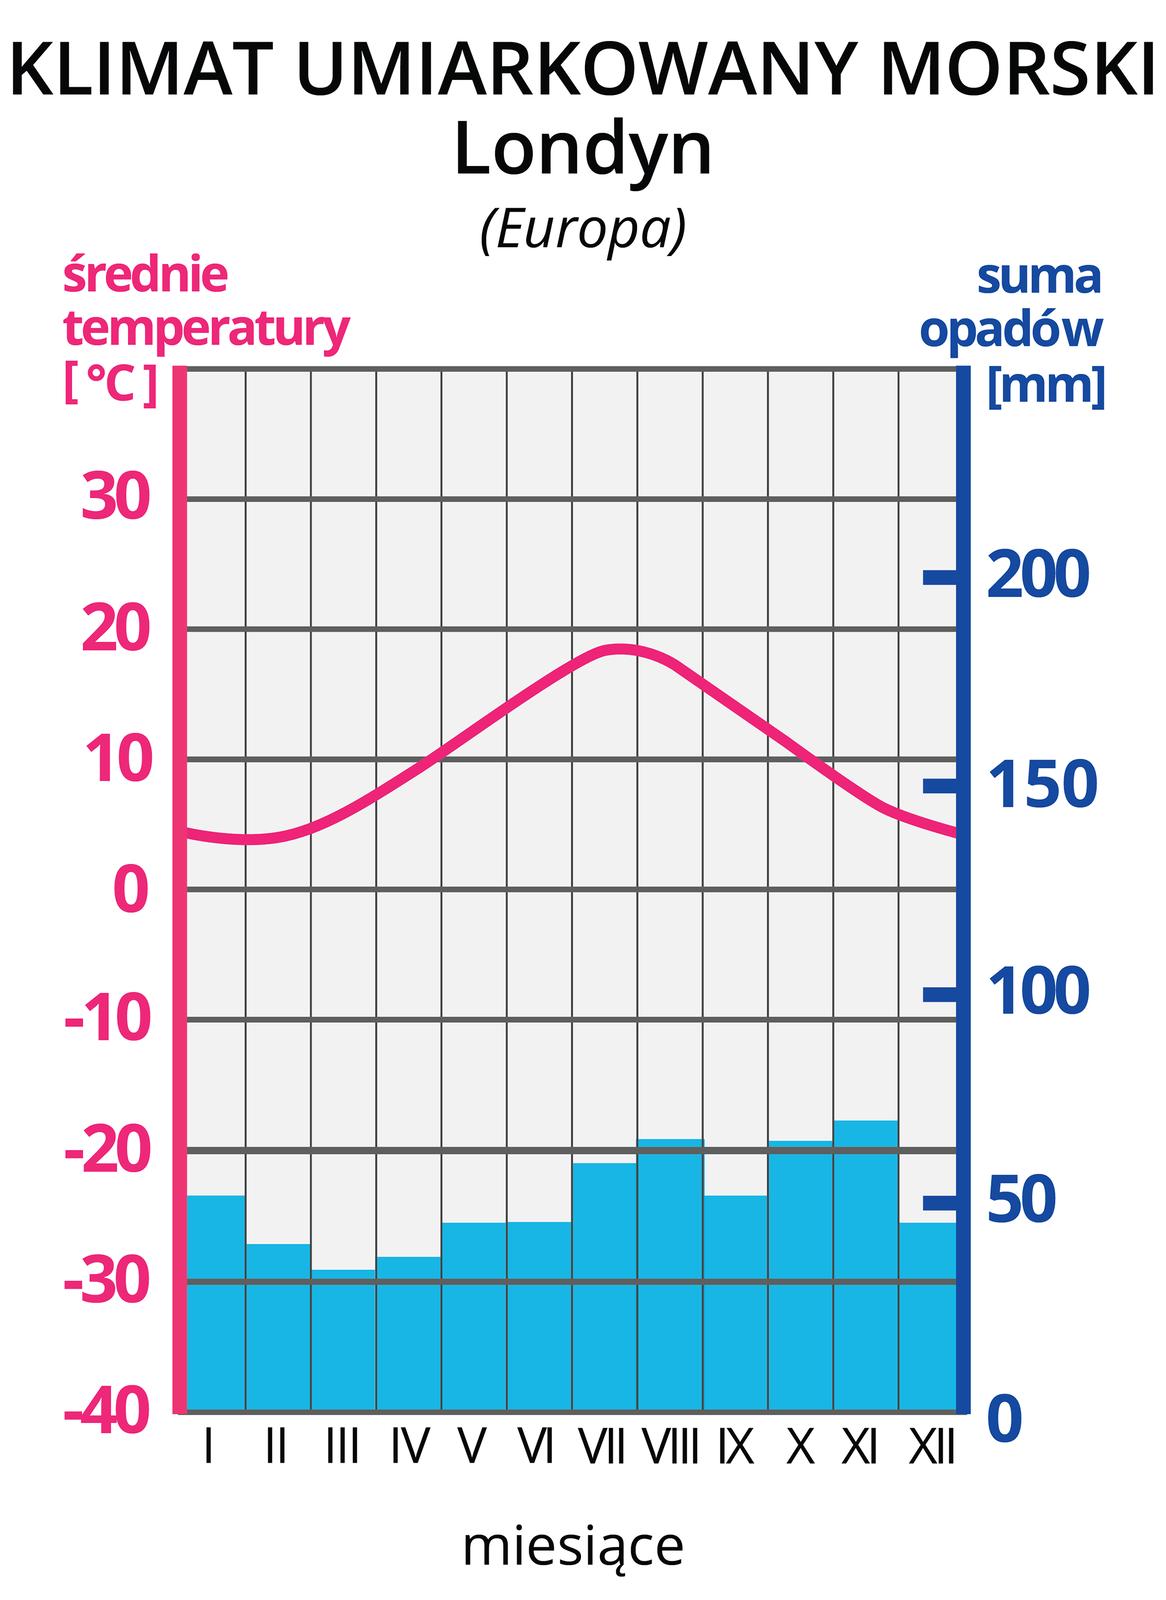 Klimatogram drugi, prezentuje klimat umiarkowany morski Londynu. Na lewej osi wykresu wyskalowano średnie temperatury wOC, na prawej osi wykresu wyskalowano sumy opadów wmm. Na osi poziomej zaznaczono cyframi rzymskimi kolejne miesiące. Czerwona pozioma linia na wykresie, to średnie temperatury wposzczególnych miesiącach. Tutaj linia rozpoczyna się na wysokości 5 OC wstyczniu iwznosi się wposzczególnych miesiącach do około 19 OC wlipcu, po czym opada do 3 OC wgrudniu. Niebieskie słupki, to wysokości sum opadów wposzczególnych miesiącach. Opady rozkładają się równomiernie wposzczególnych miesiącach na wysokości 40 a60 mm.